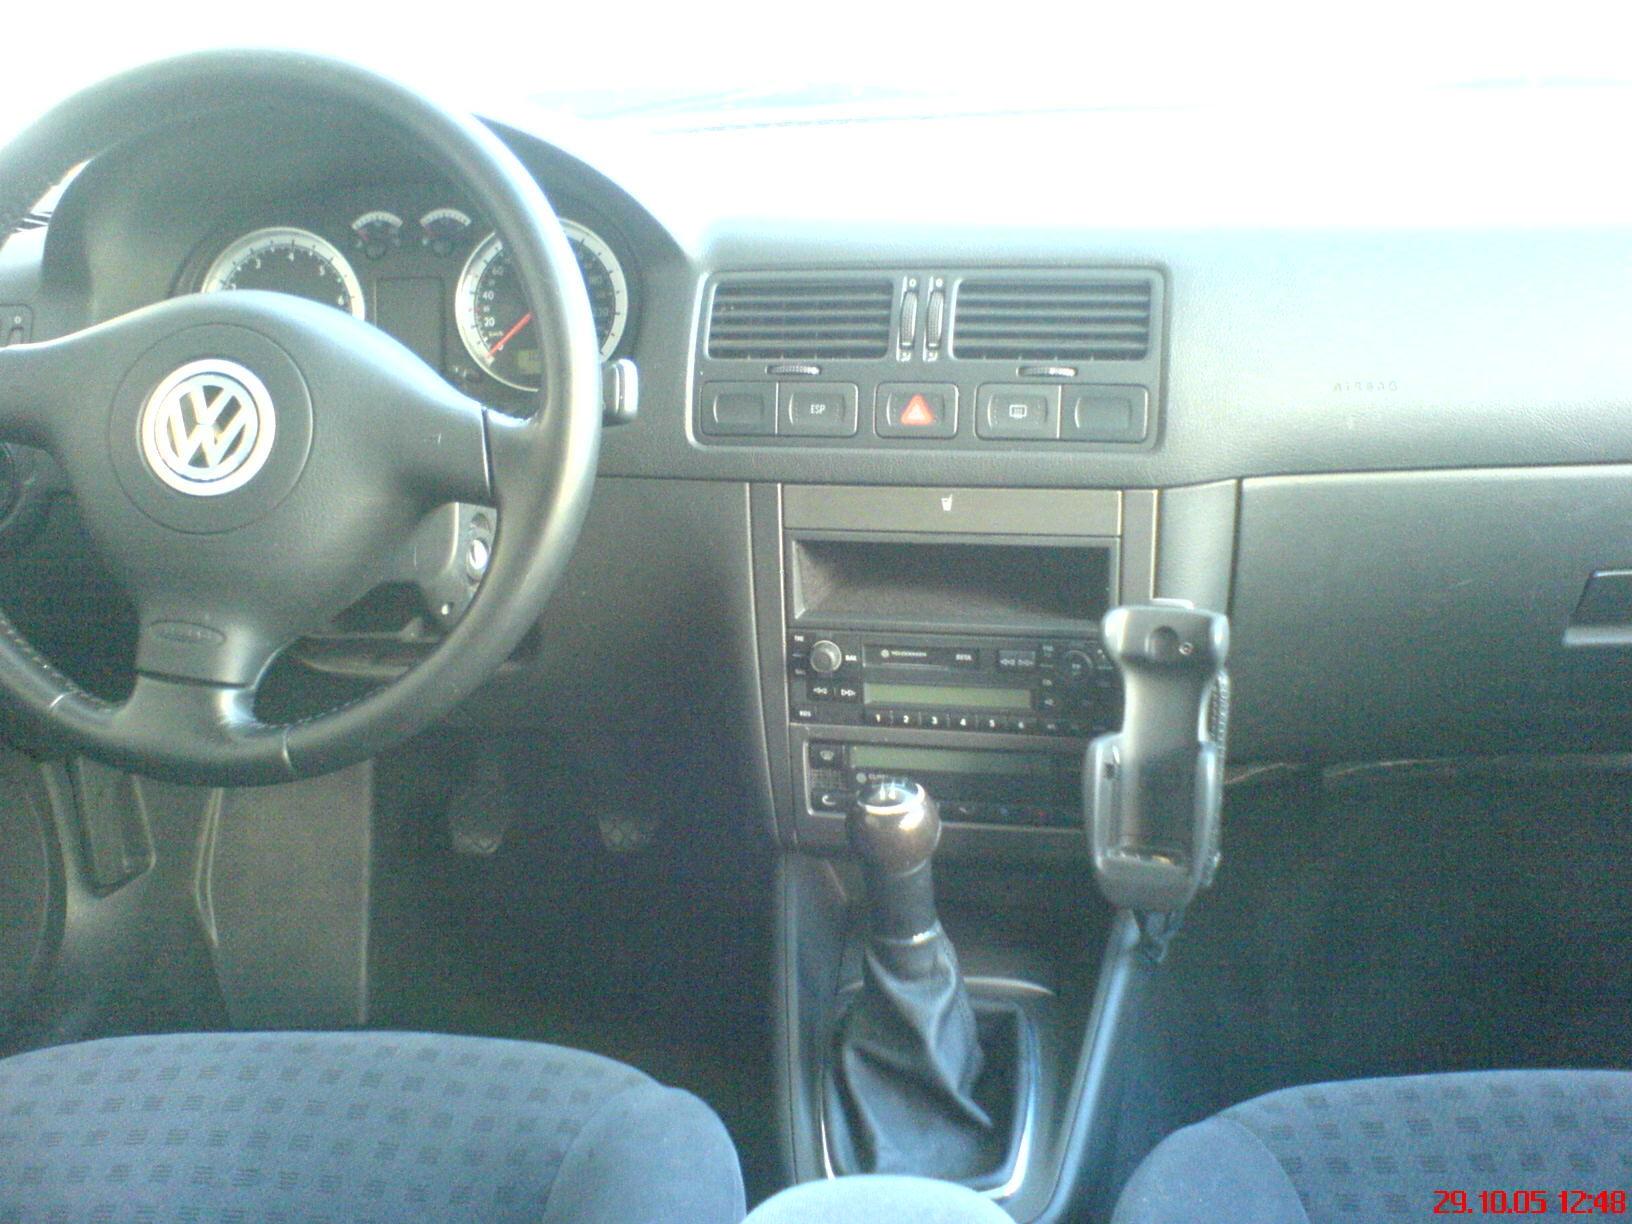 1979 vw jetta with Volkswagen Bora 2679237 3 Orig on 2010 Milan moreover 2003 Volkswagen Passat Pictures C5878 besides 1980 Volkswagen Scirocco Pictures C14365 as well Schaltgeraet Audi Seat VW 191905351B Telefunken Electronic TZ1 TSZ likewise Volkswagen bora 2679237 3 orig.